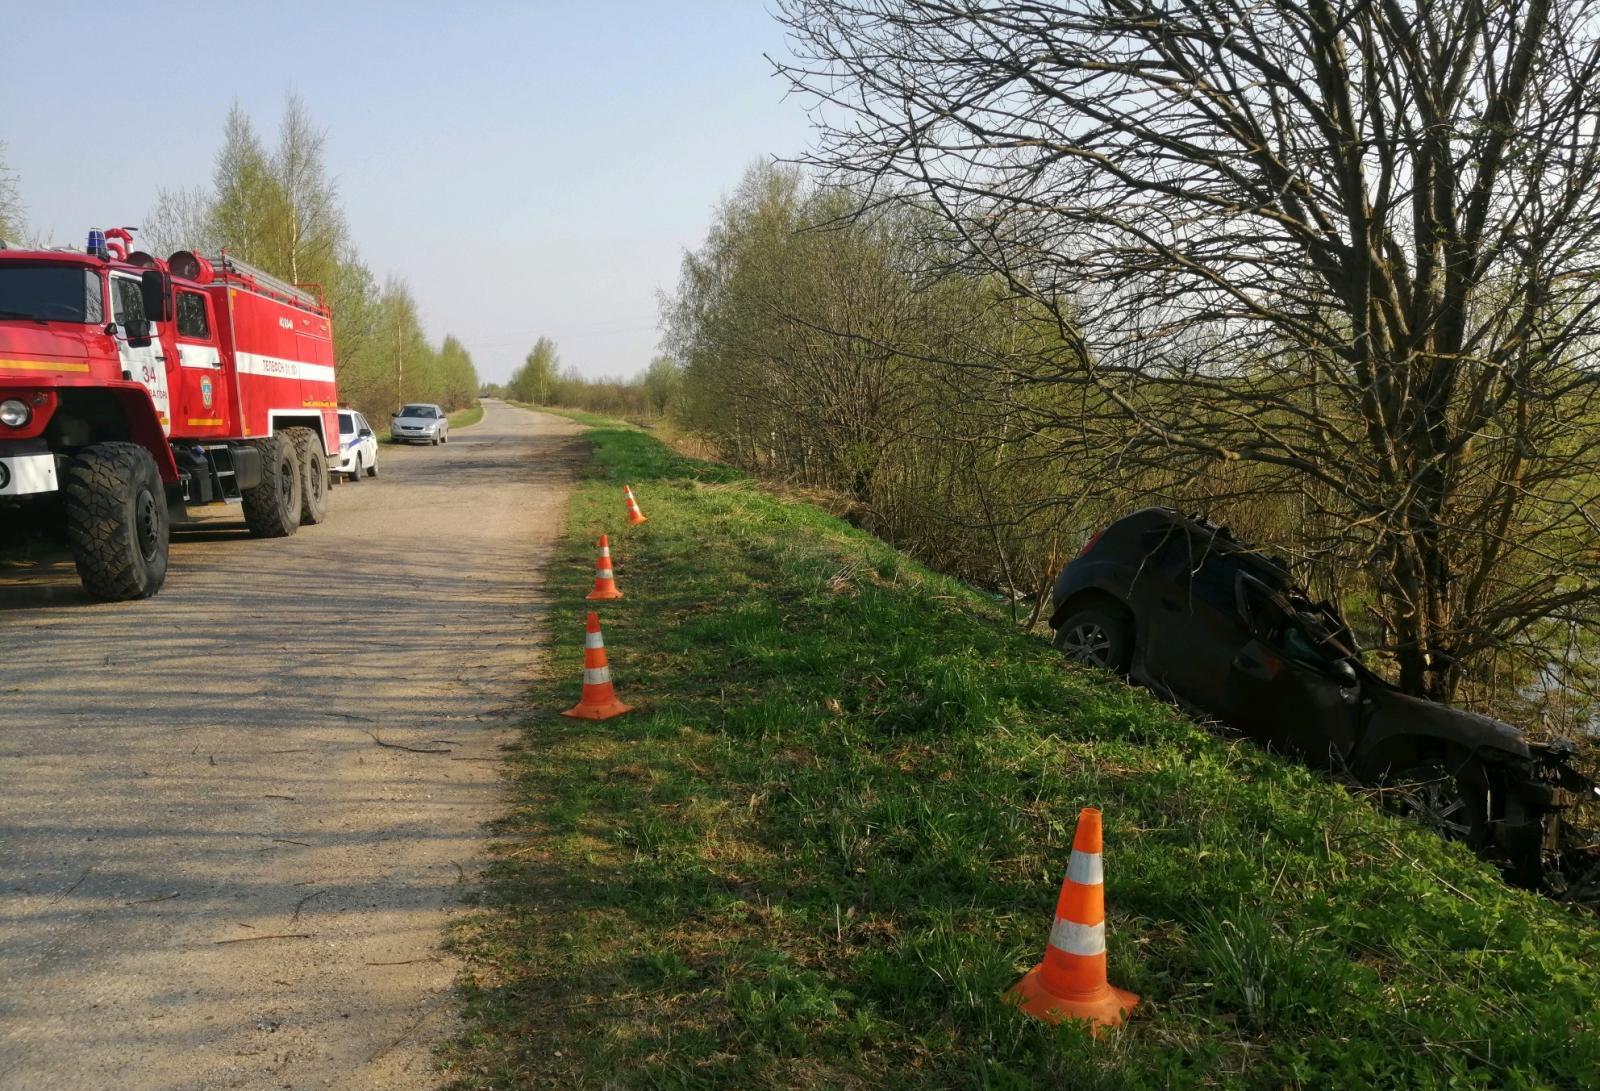 Не пристегнутый ремнем молодой водитель погиб в ДТП на дороге в Тверской области